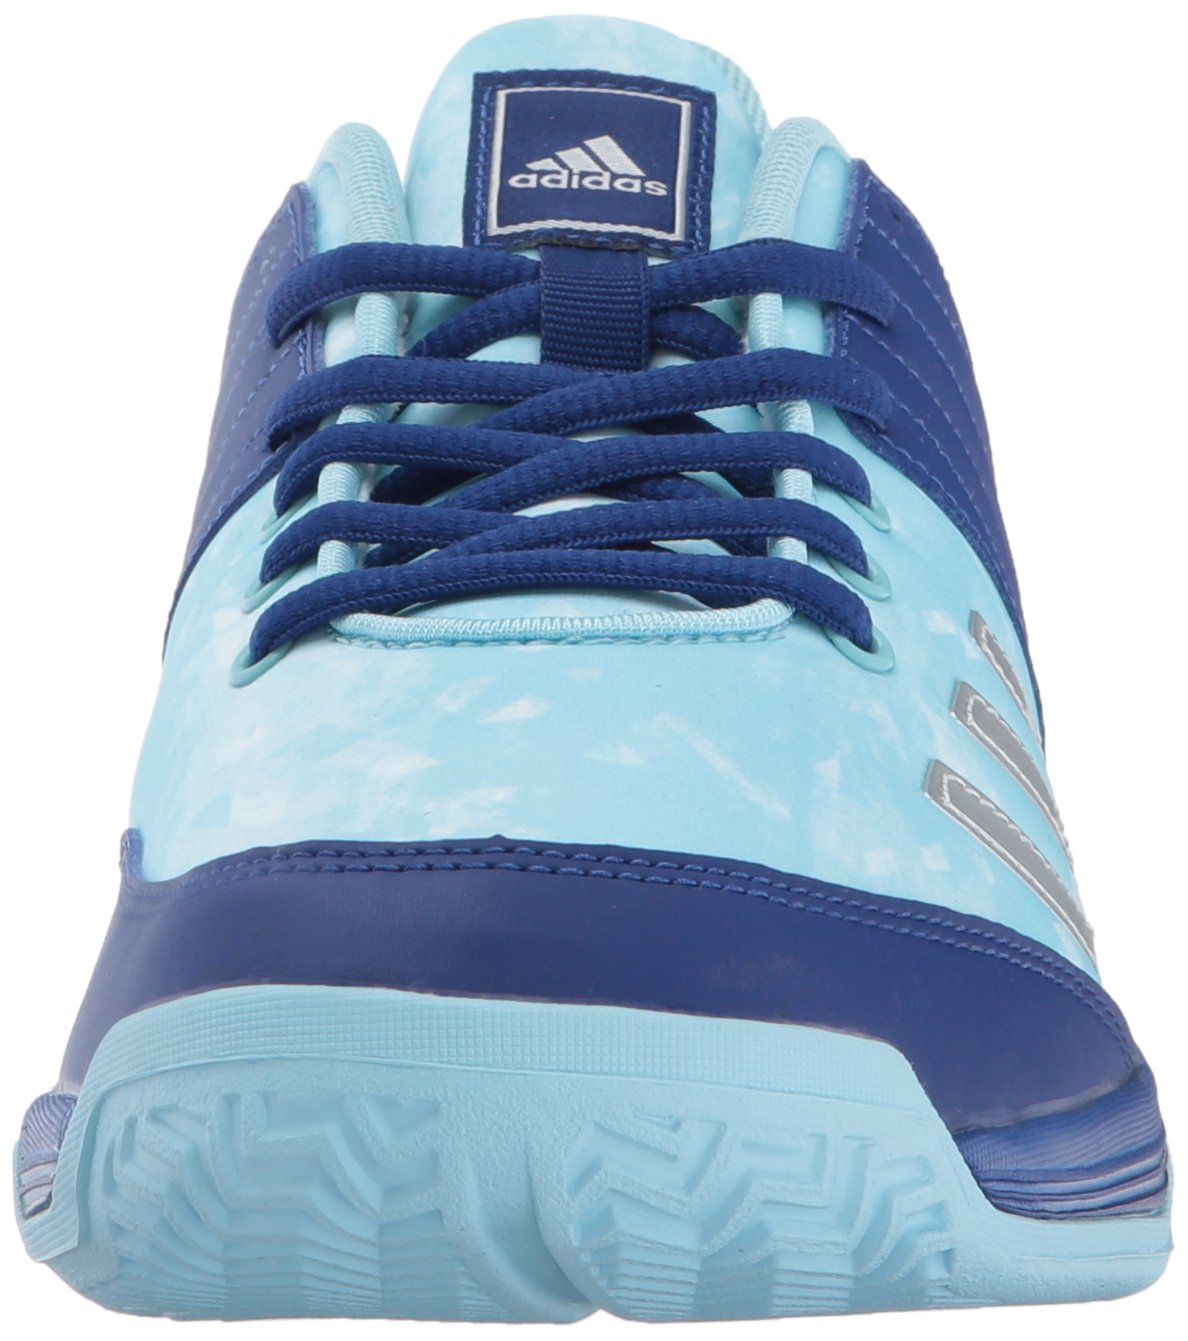 adidas Women's Ligra B01N4DQ038 5 W Tennis Shoe B01N4DQ038 Ligra 8.5 B(M) US|Mystery Ink/Metallic Silver/White 9b2756